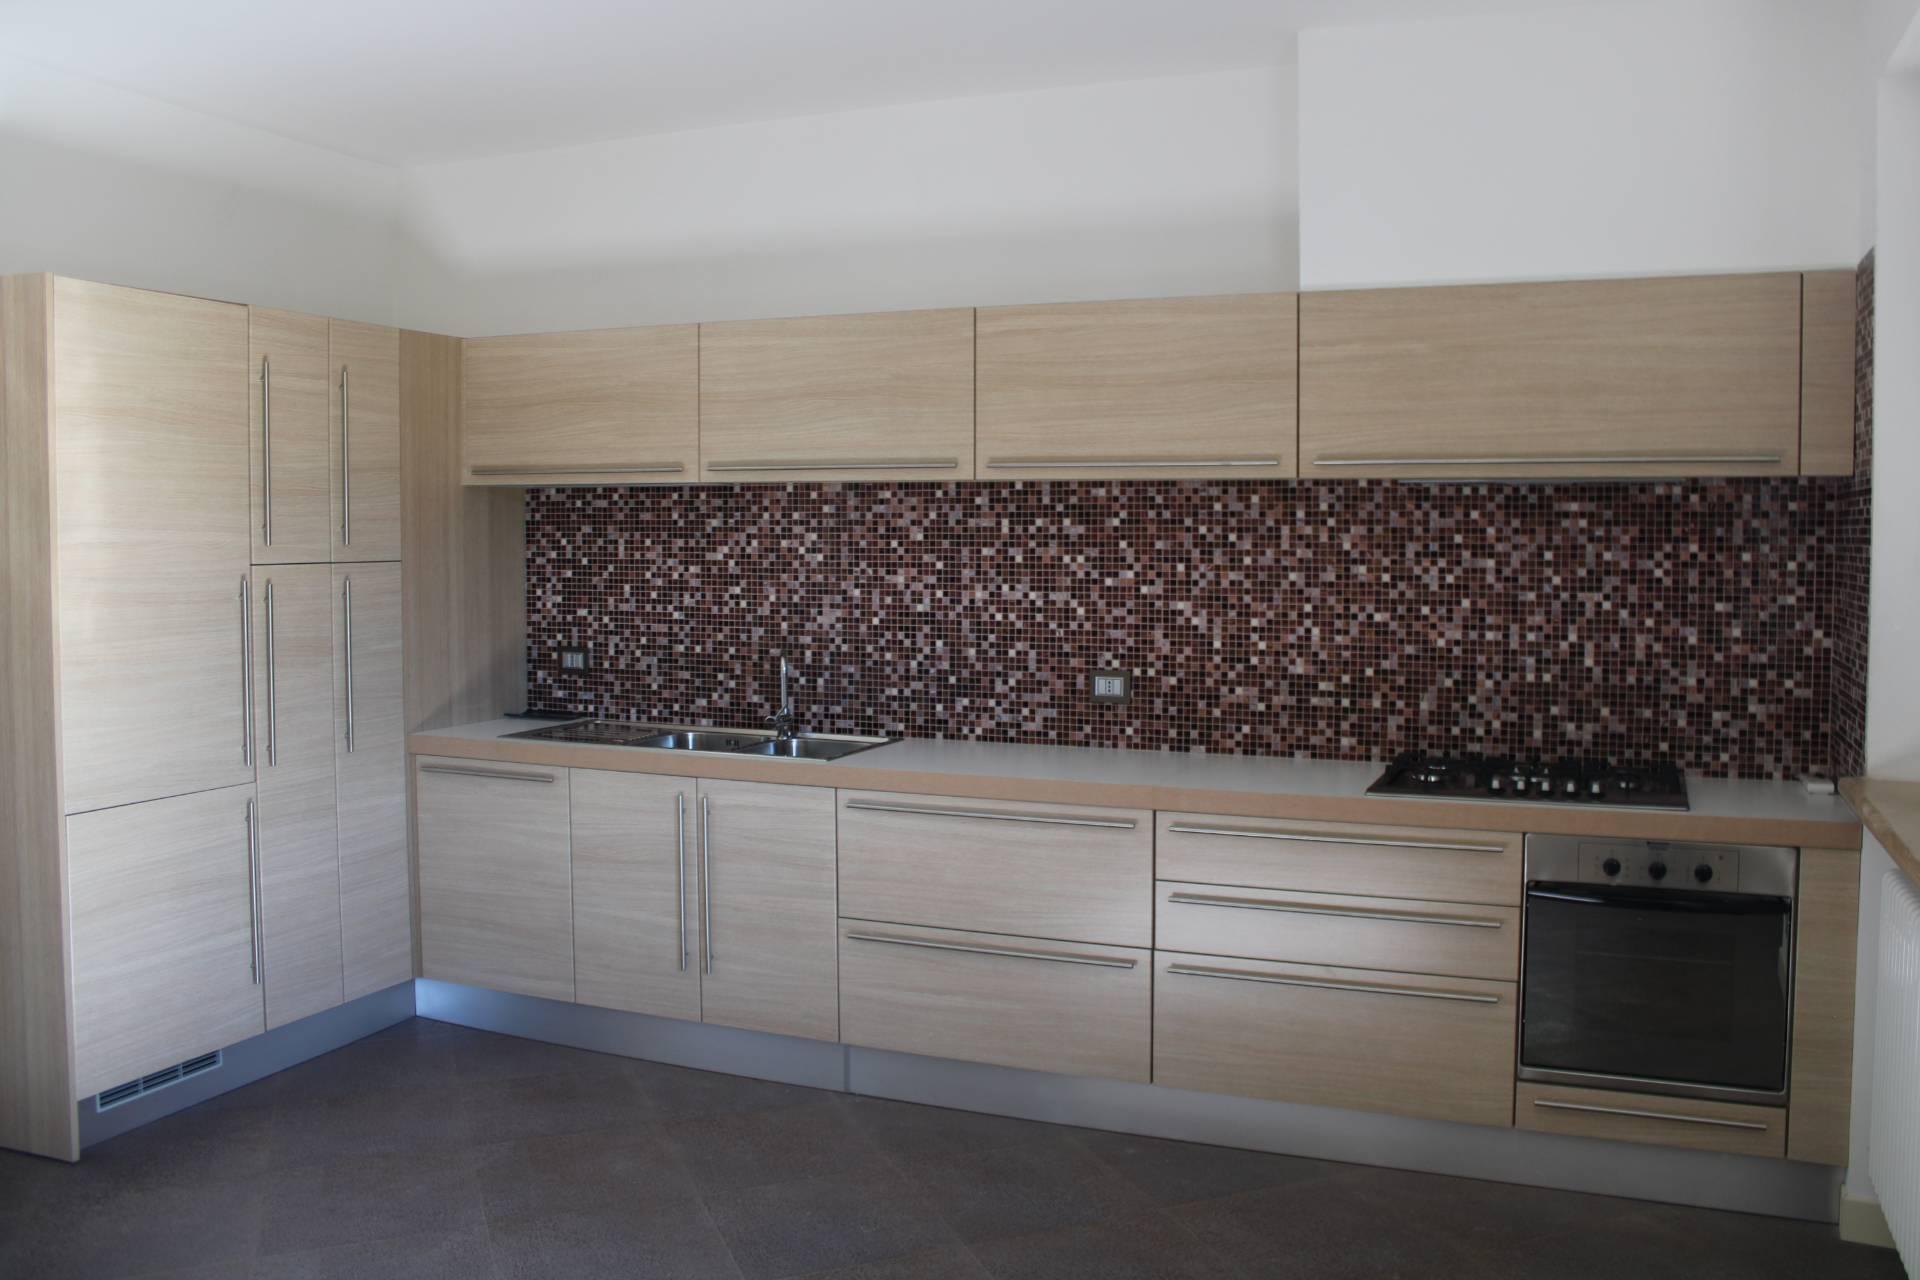 Appartamento in vendita a Folignano, 5 locali, zona Località: PianediMorro, prezzo € 165.000 | PortaleAgenzieImmobiliari.it